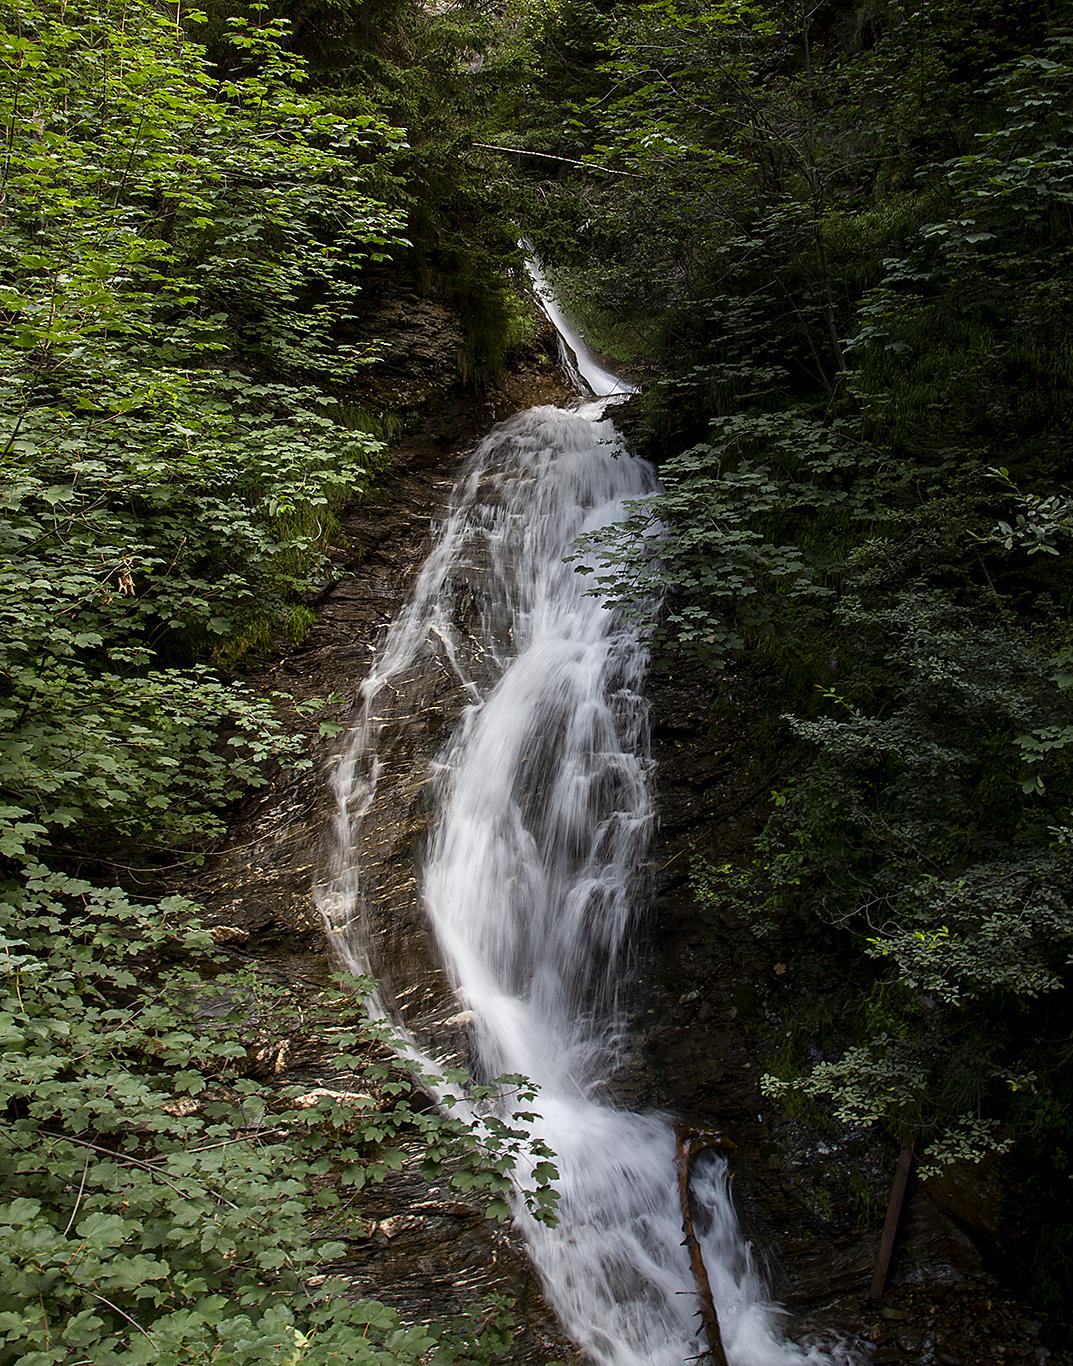 190731_5462_vattenfall